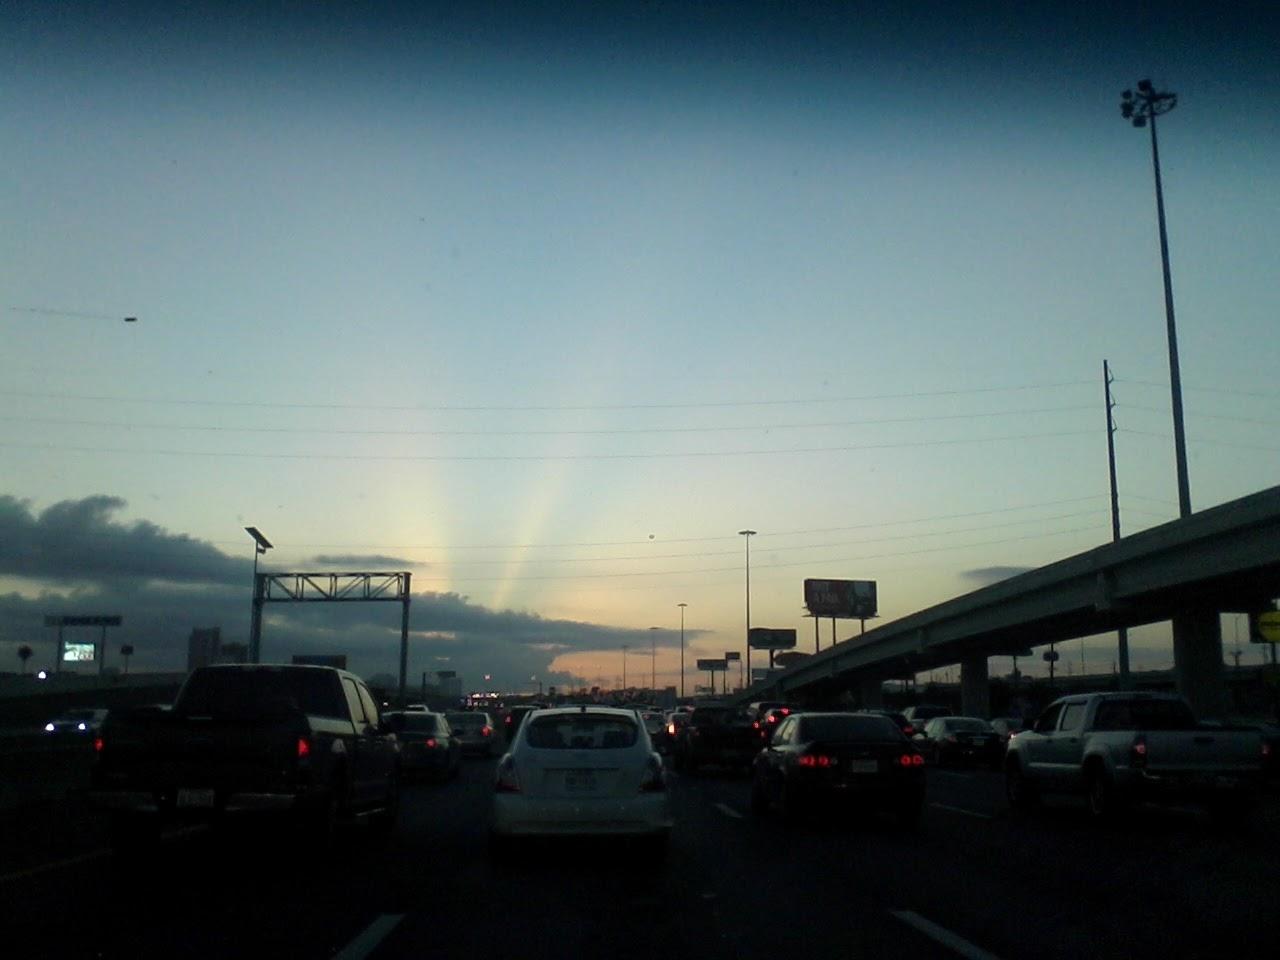 Sky - 0908070925.jpg